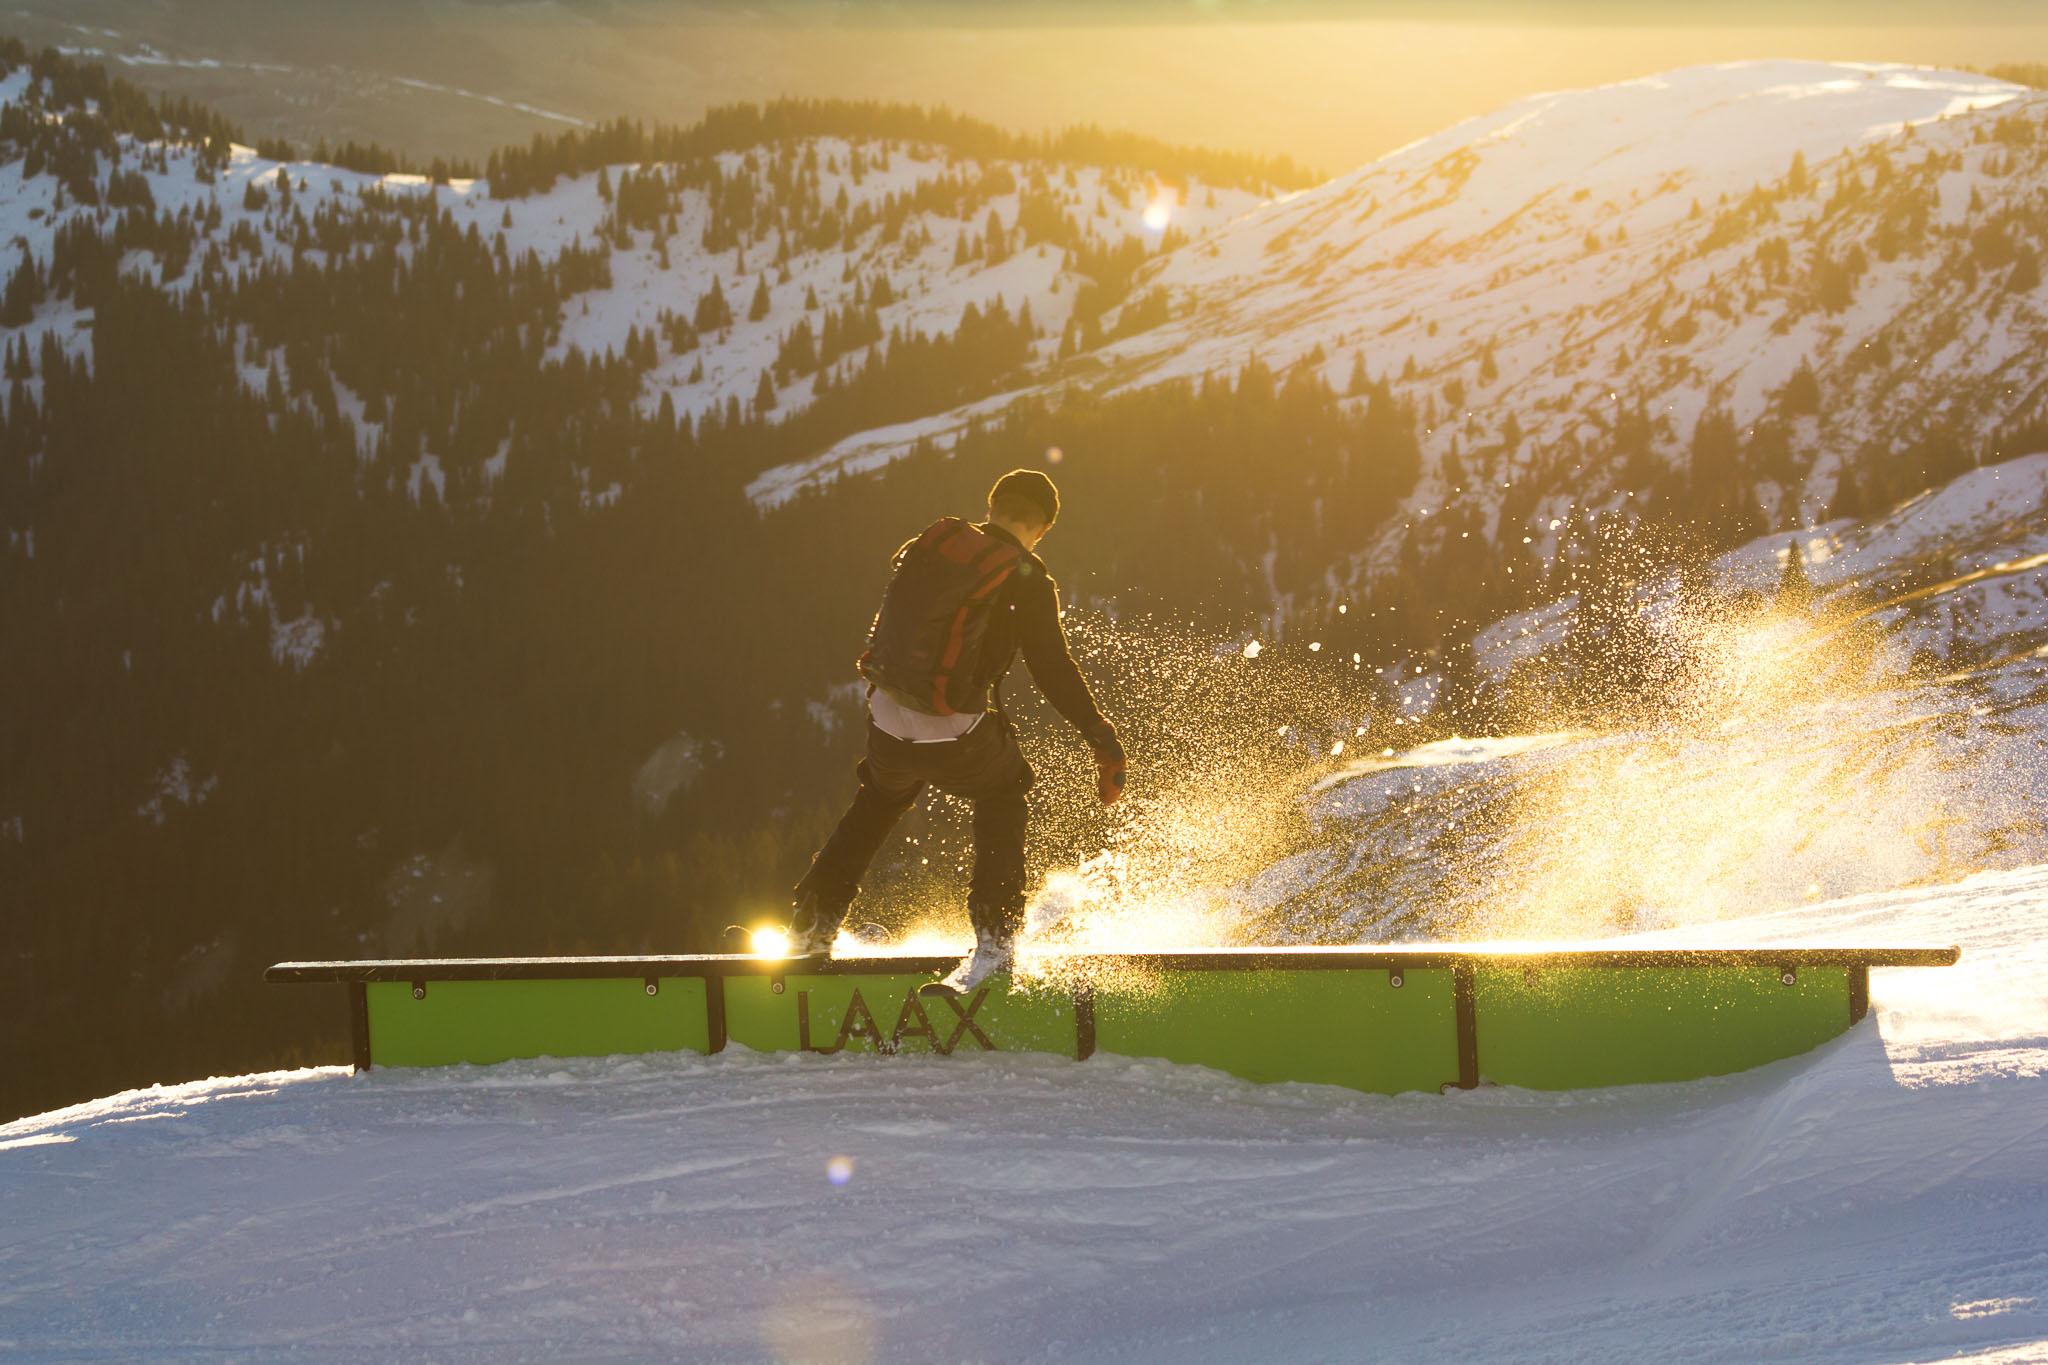 Sunset Railslide mit Ole Pavel im Snowpark LAAX, Dezember 2016